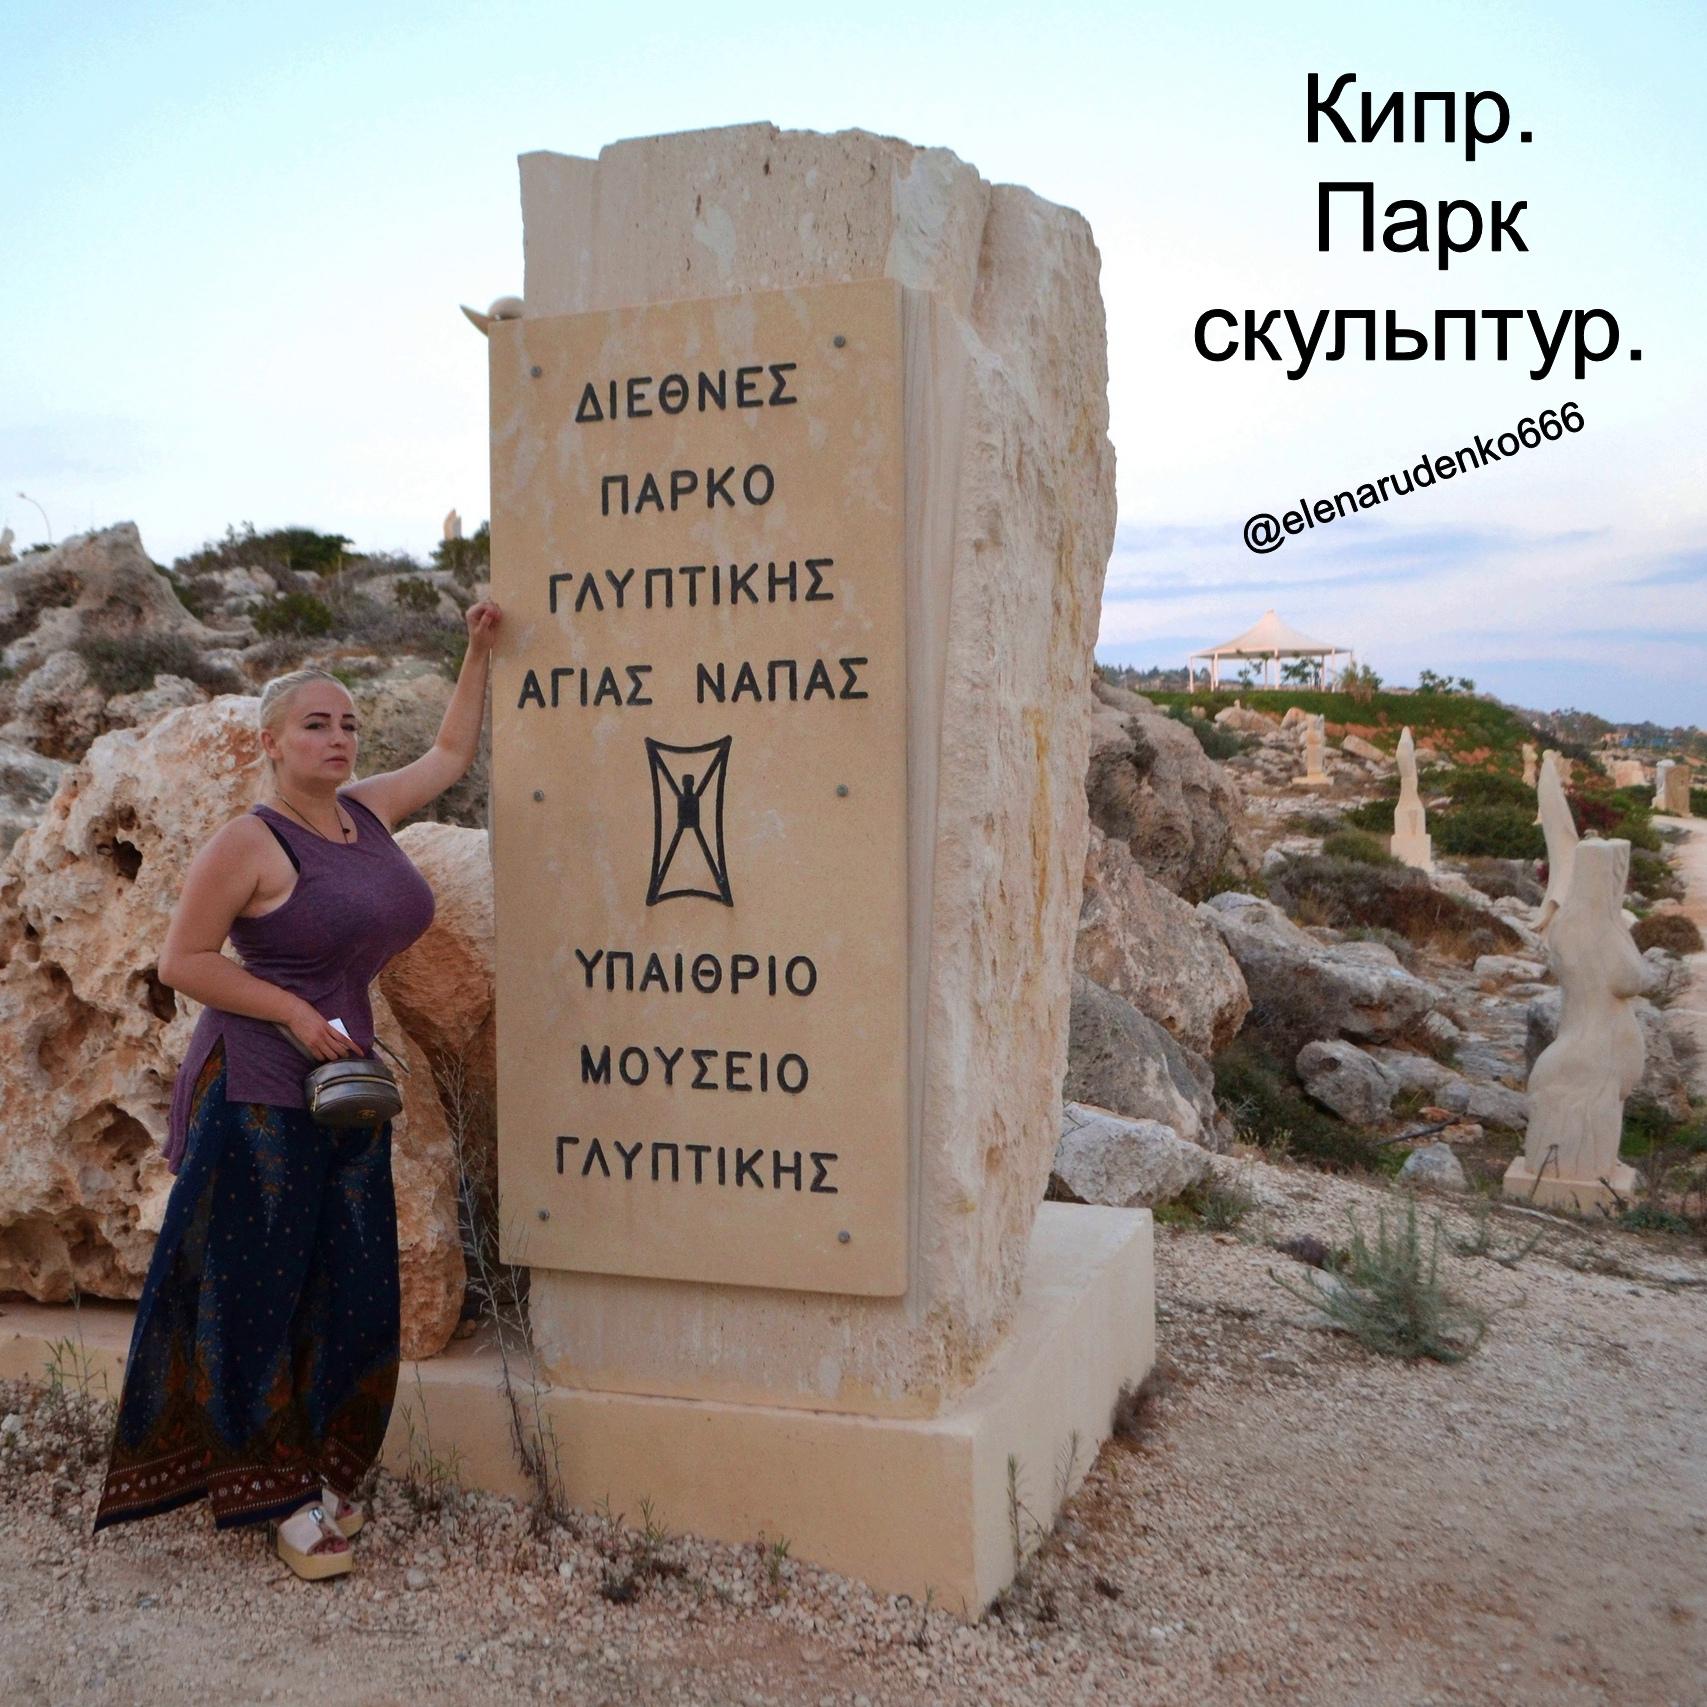 путешествие - Интересные места в которых я побывала (Елена Руденко). Ut15wR4nh48